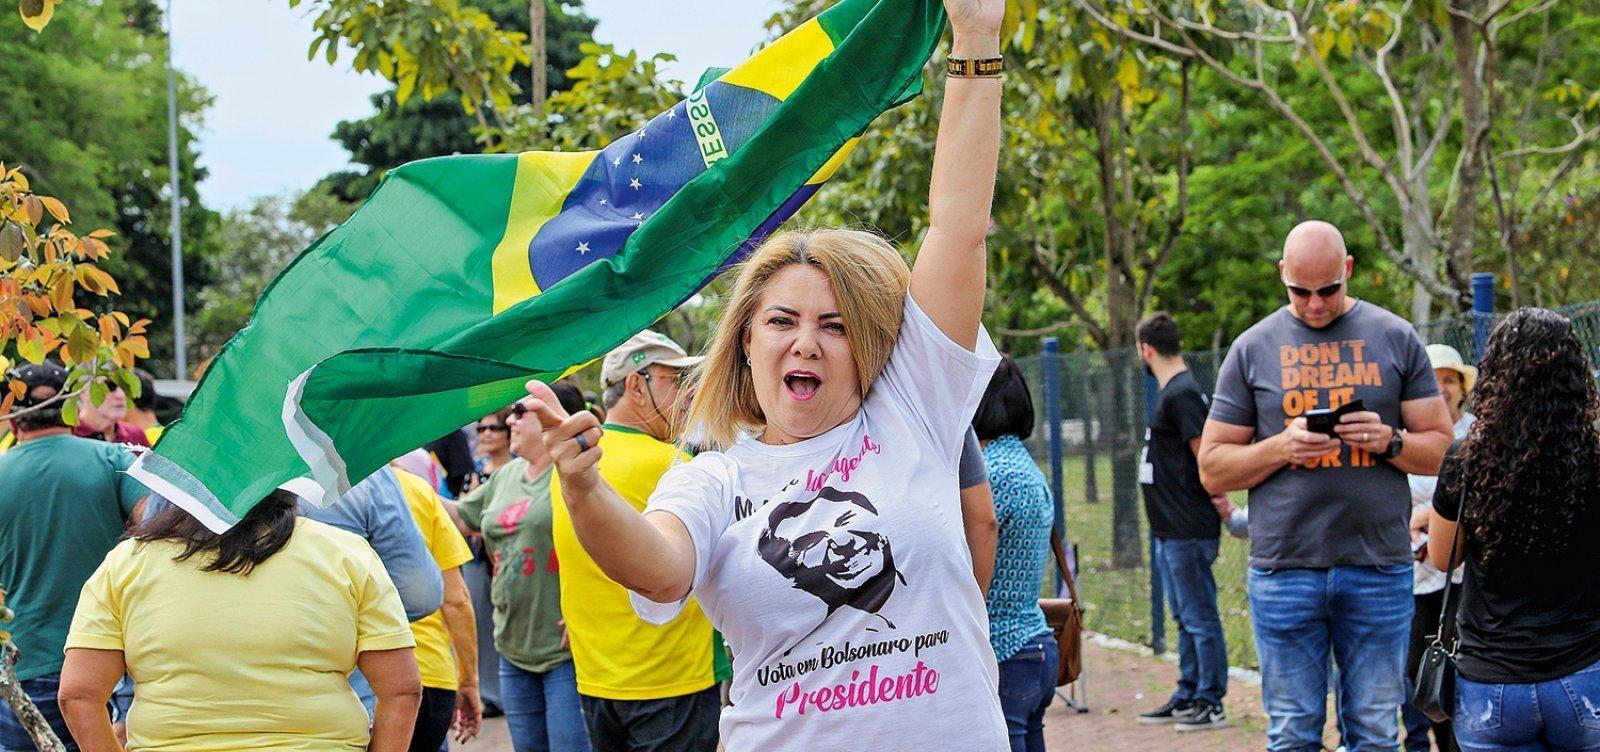 Coaf identifica operação suspeita de R$ 532 mil em conta de ex-mulher de Bolsonaro